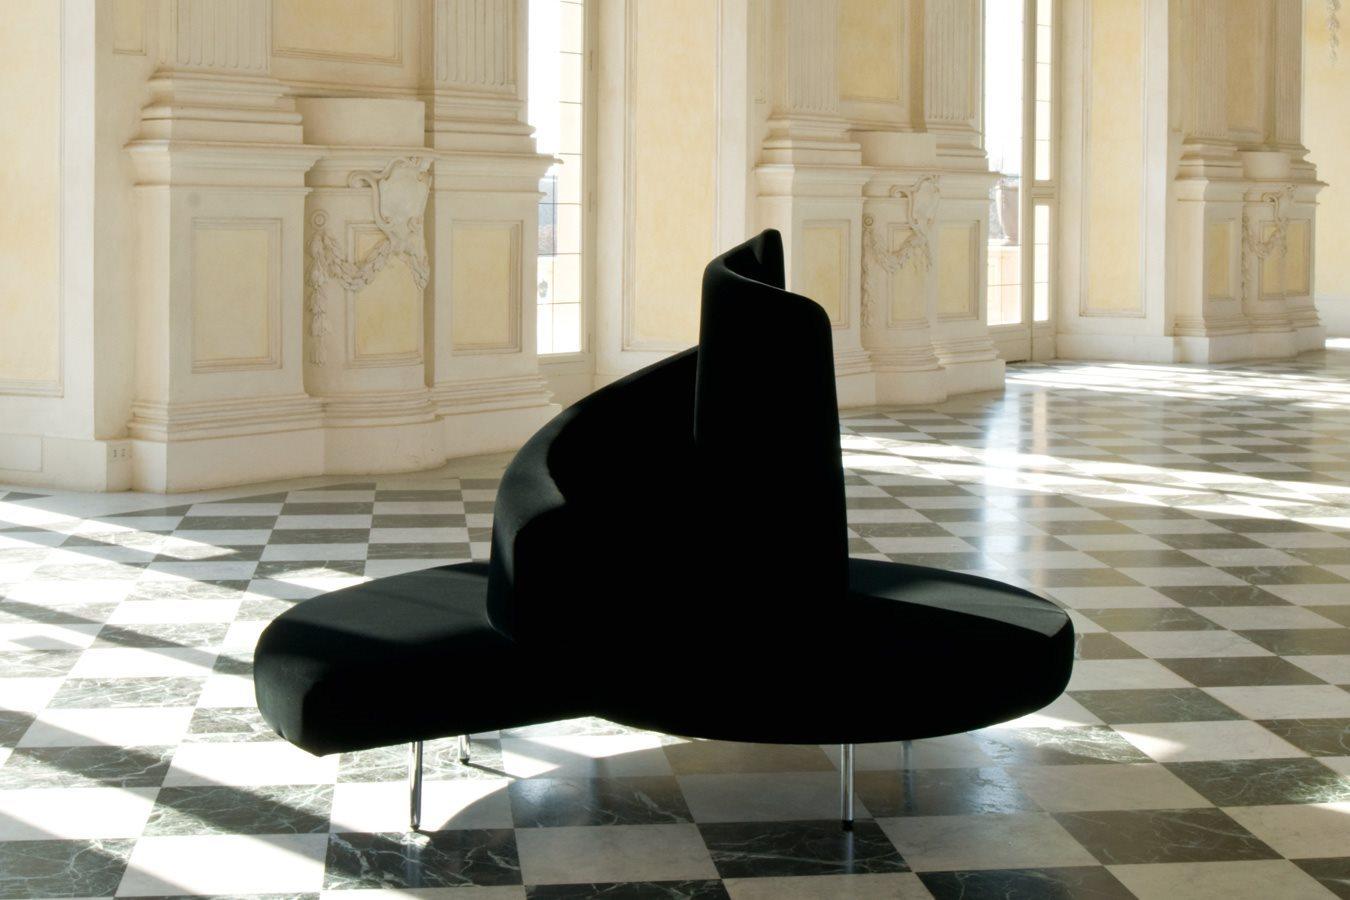 أريكة عصرية غريبة 2 الراحة والعصرية في تصميمات أرائك غريبة وغير تقليدية